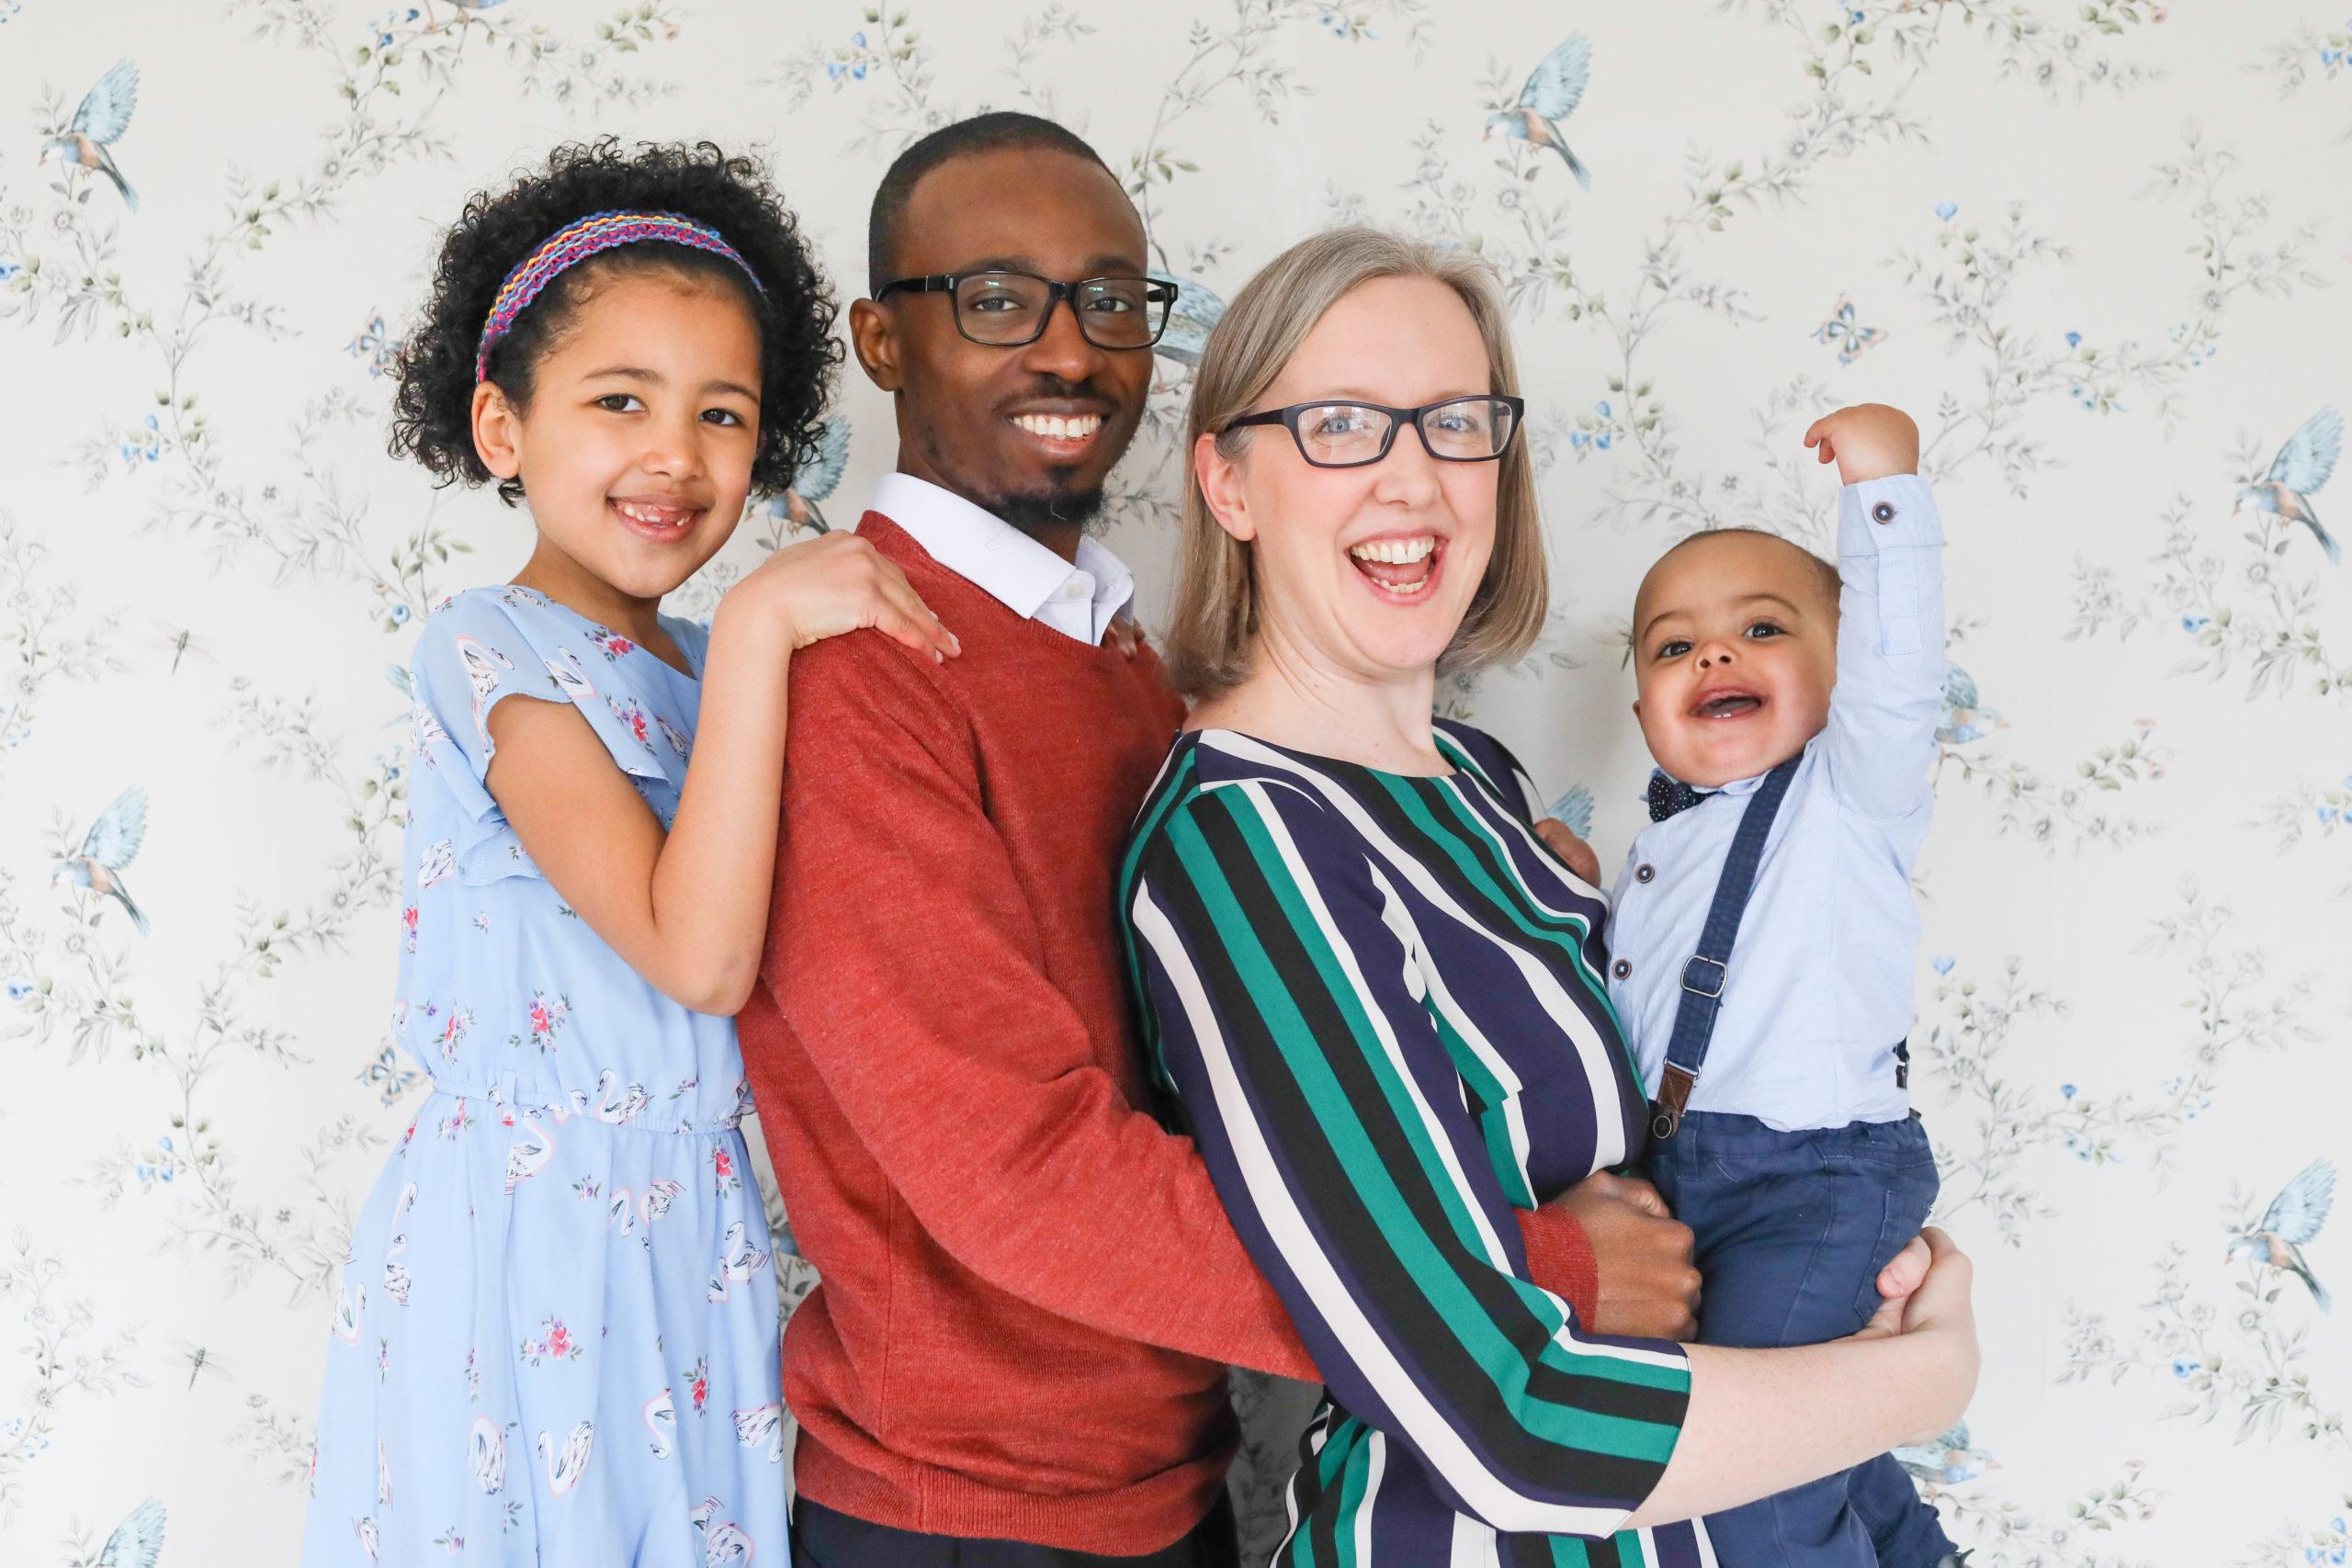 family portrait colorful fun